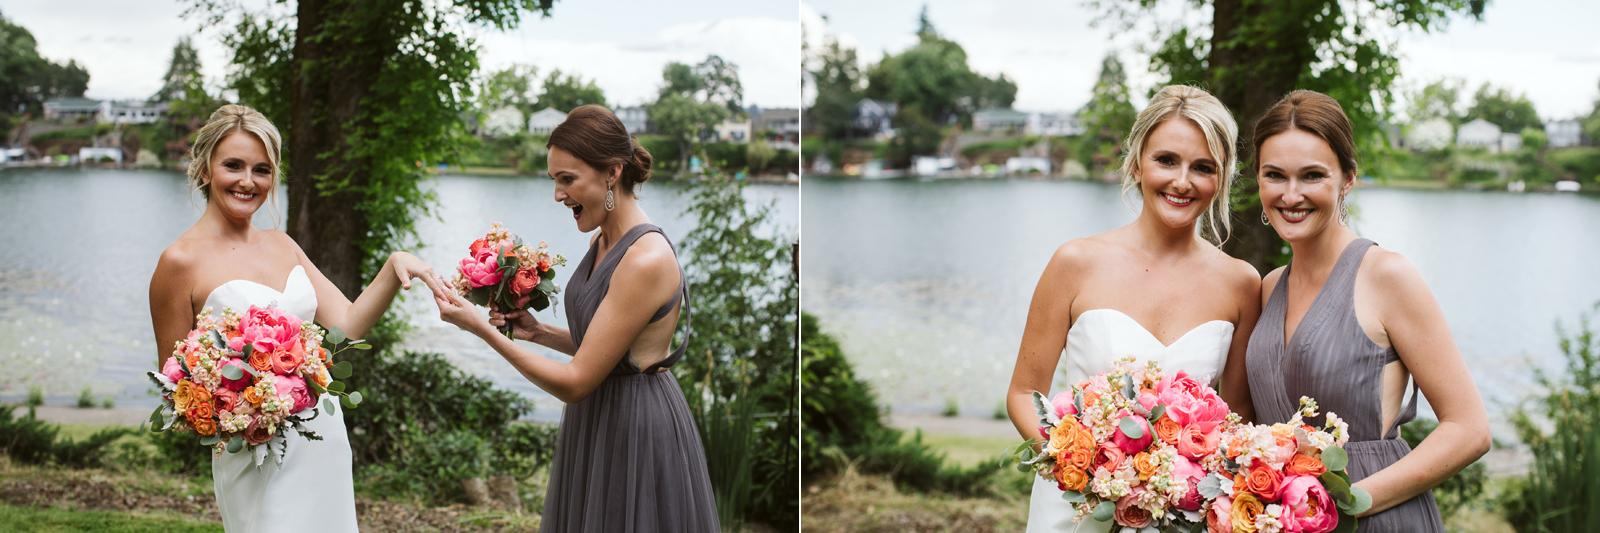 038-daronjackson-gabby-alec-wedding.jpg